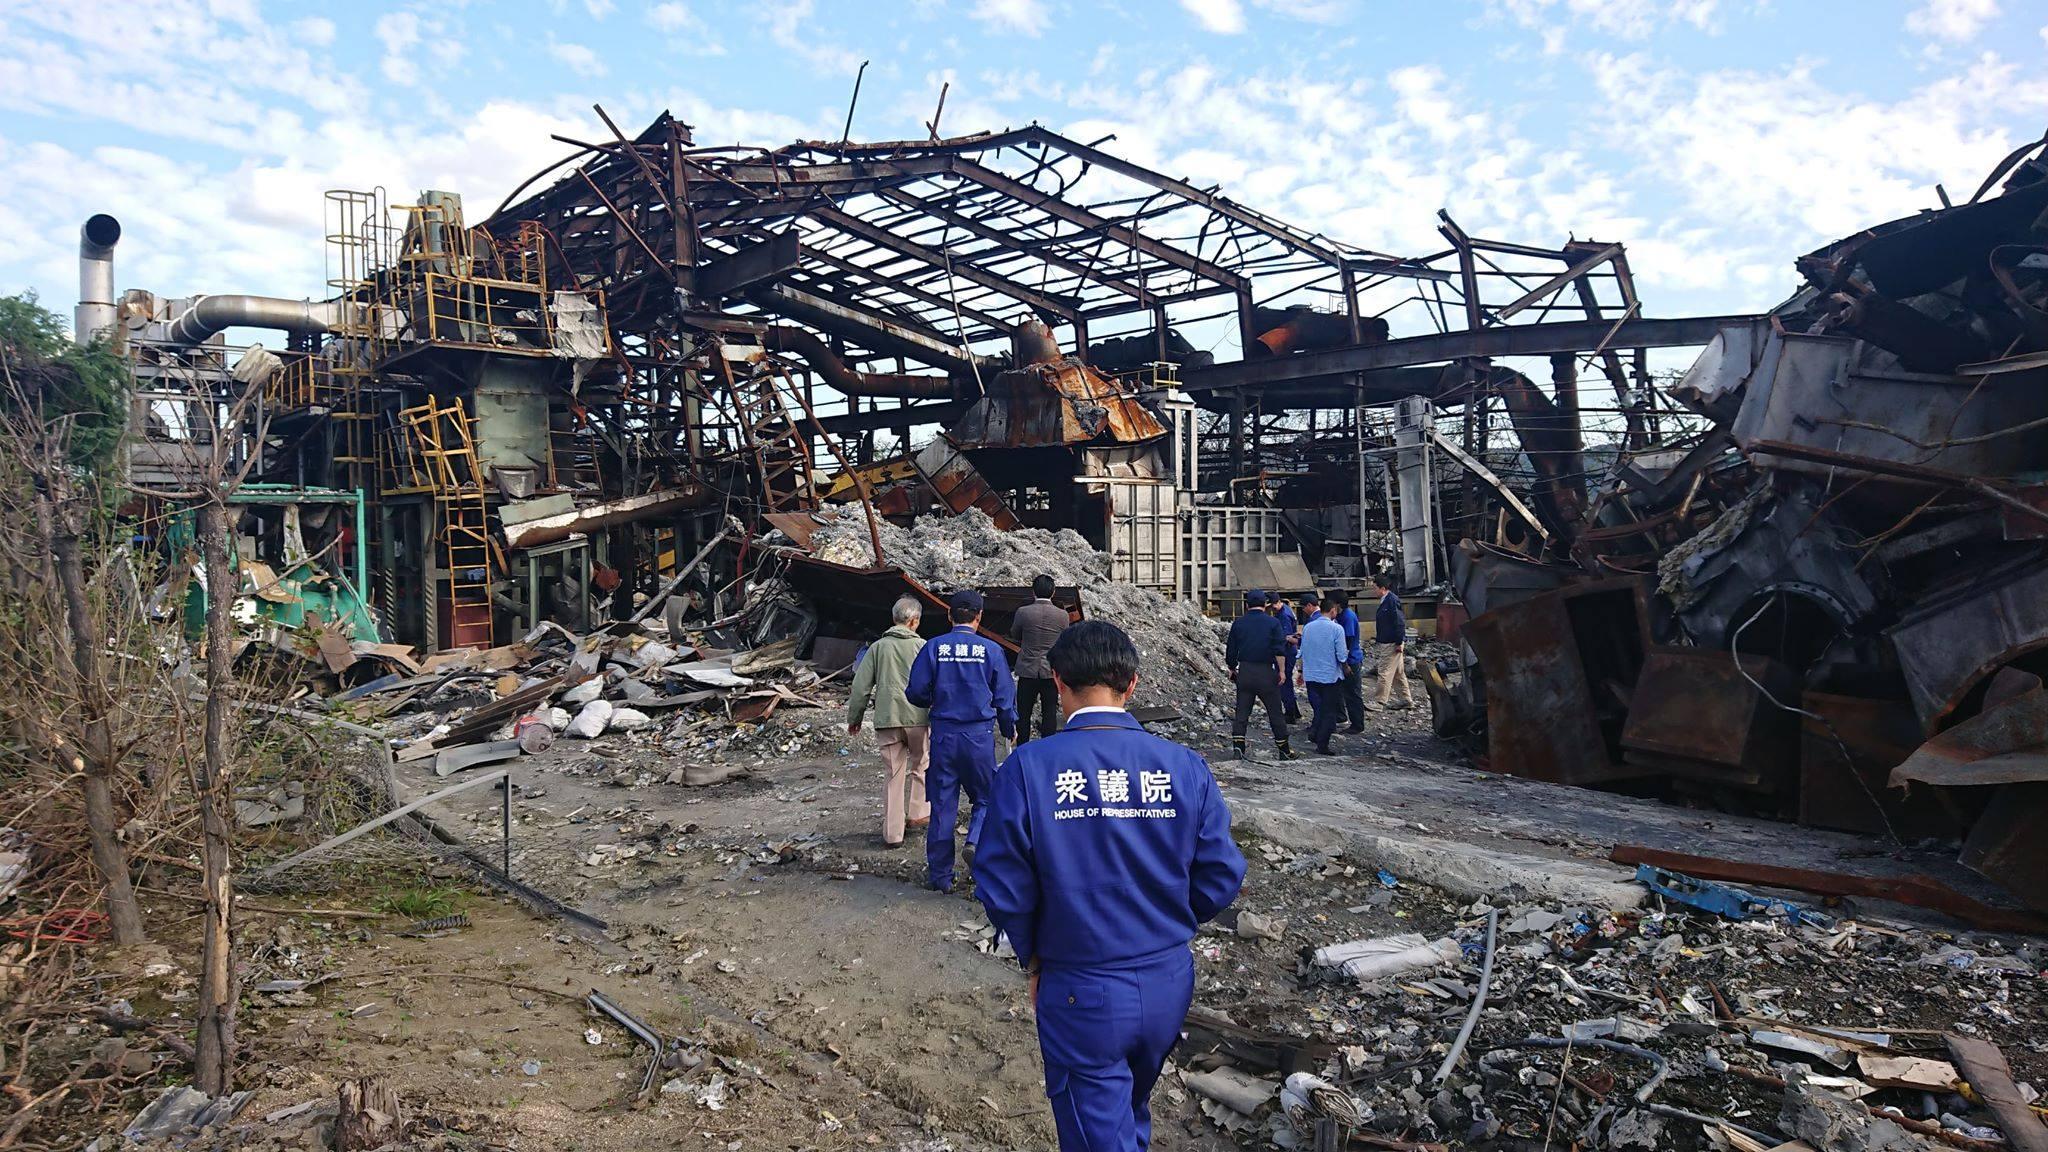 爆発したアルミ工場の現場と、その爆発と小田川決壊による洪水で二重の被害を受けた総社市下原地区を訪ねました。